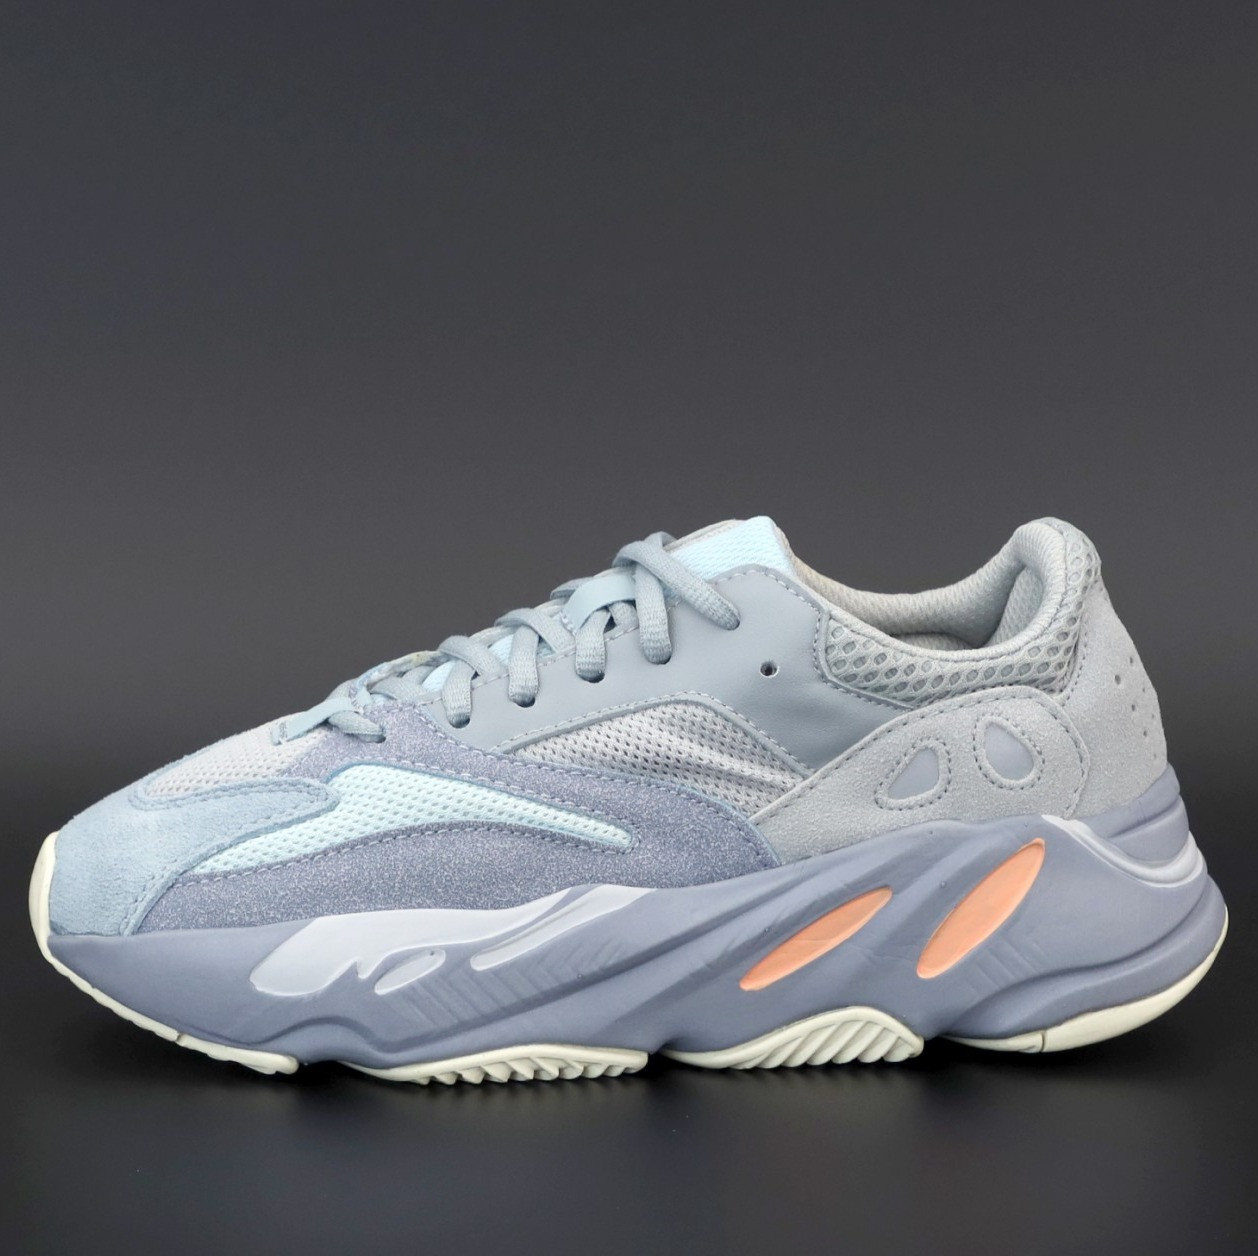 Женские кроссовки Adidas Yeezy Boost 700  (Адидас Изи Буст 700)